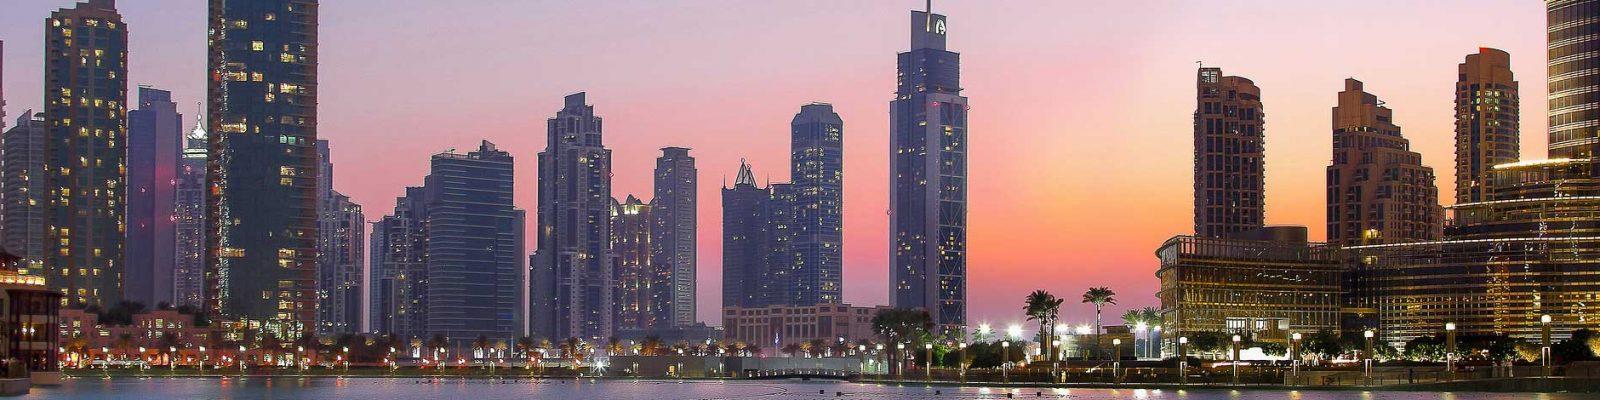 Windows Doors and Facades Dubai 2016, cover image